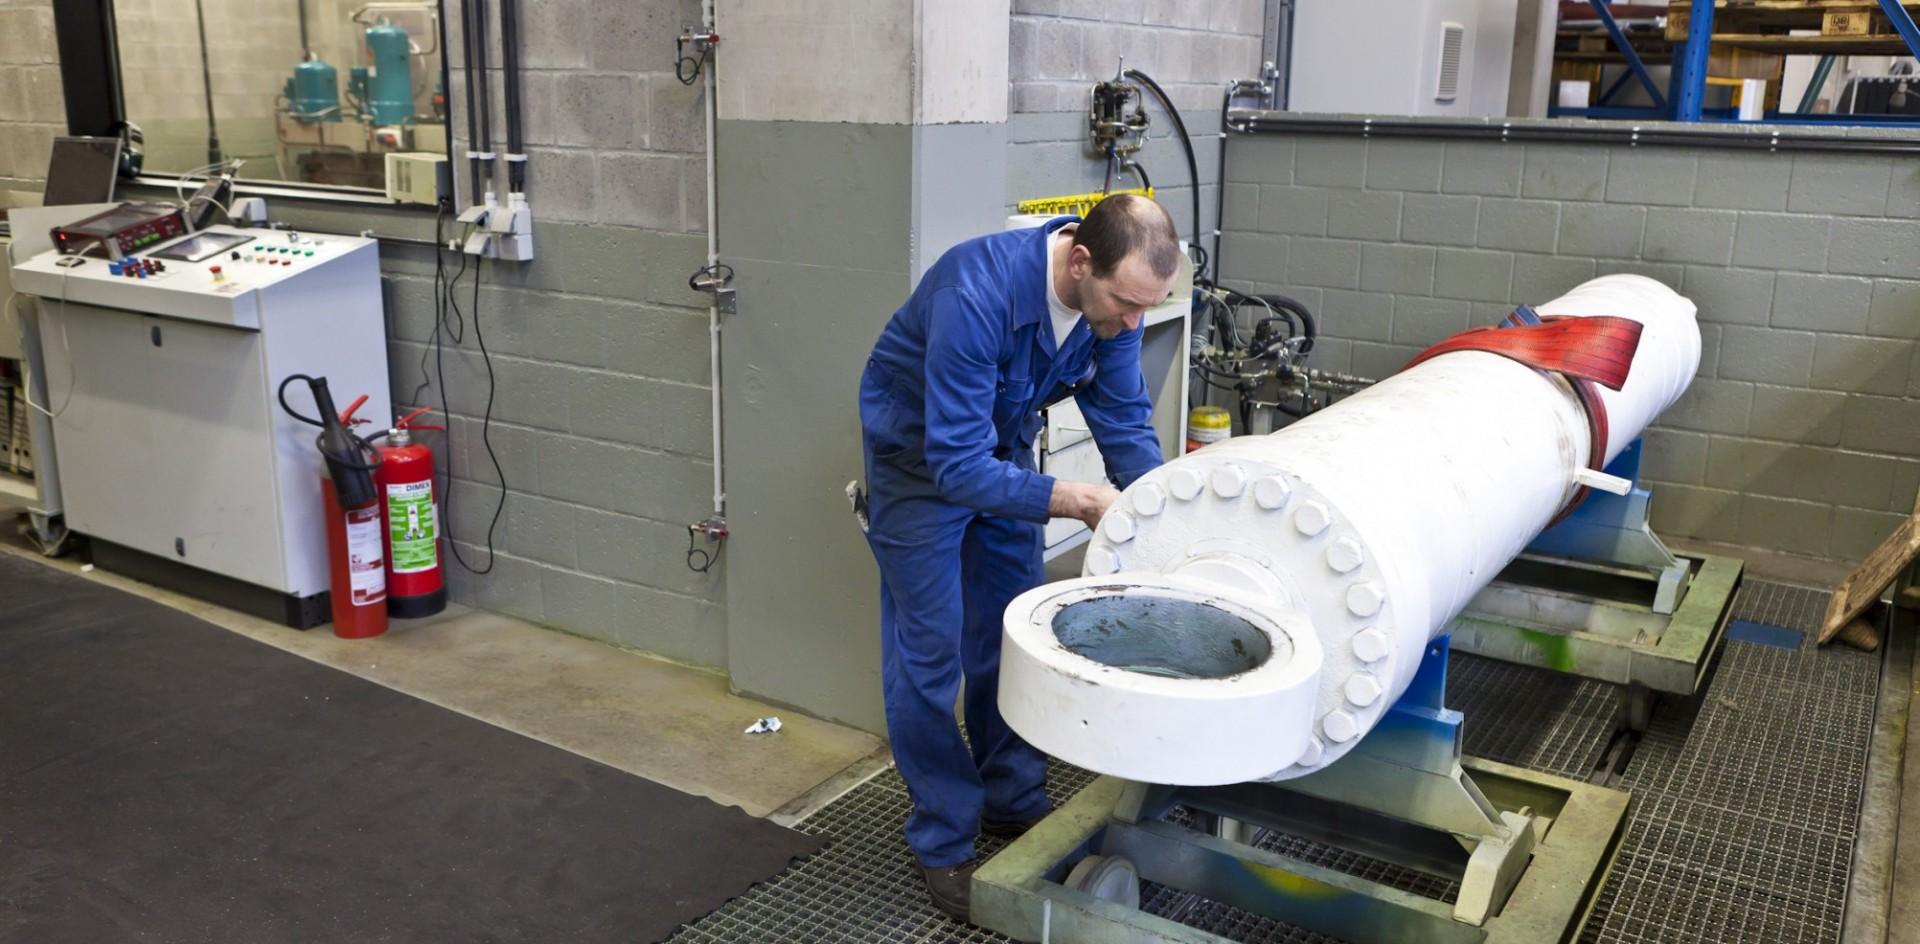 Hydraulic cilinder testing